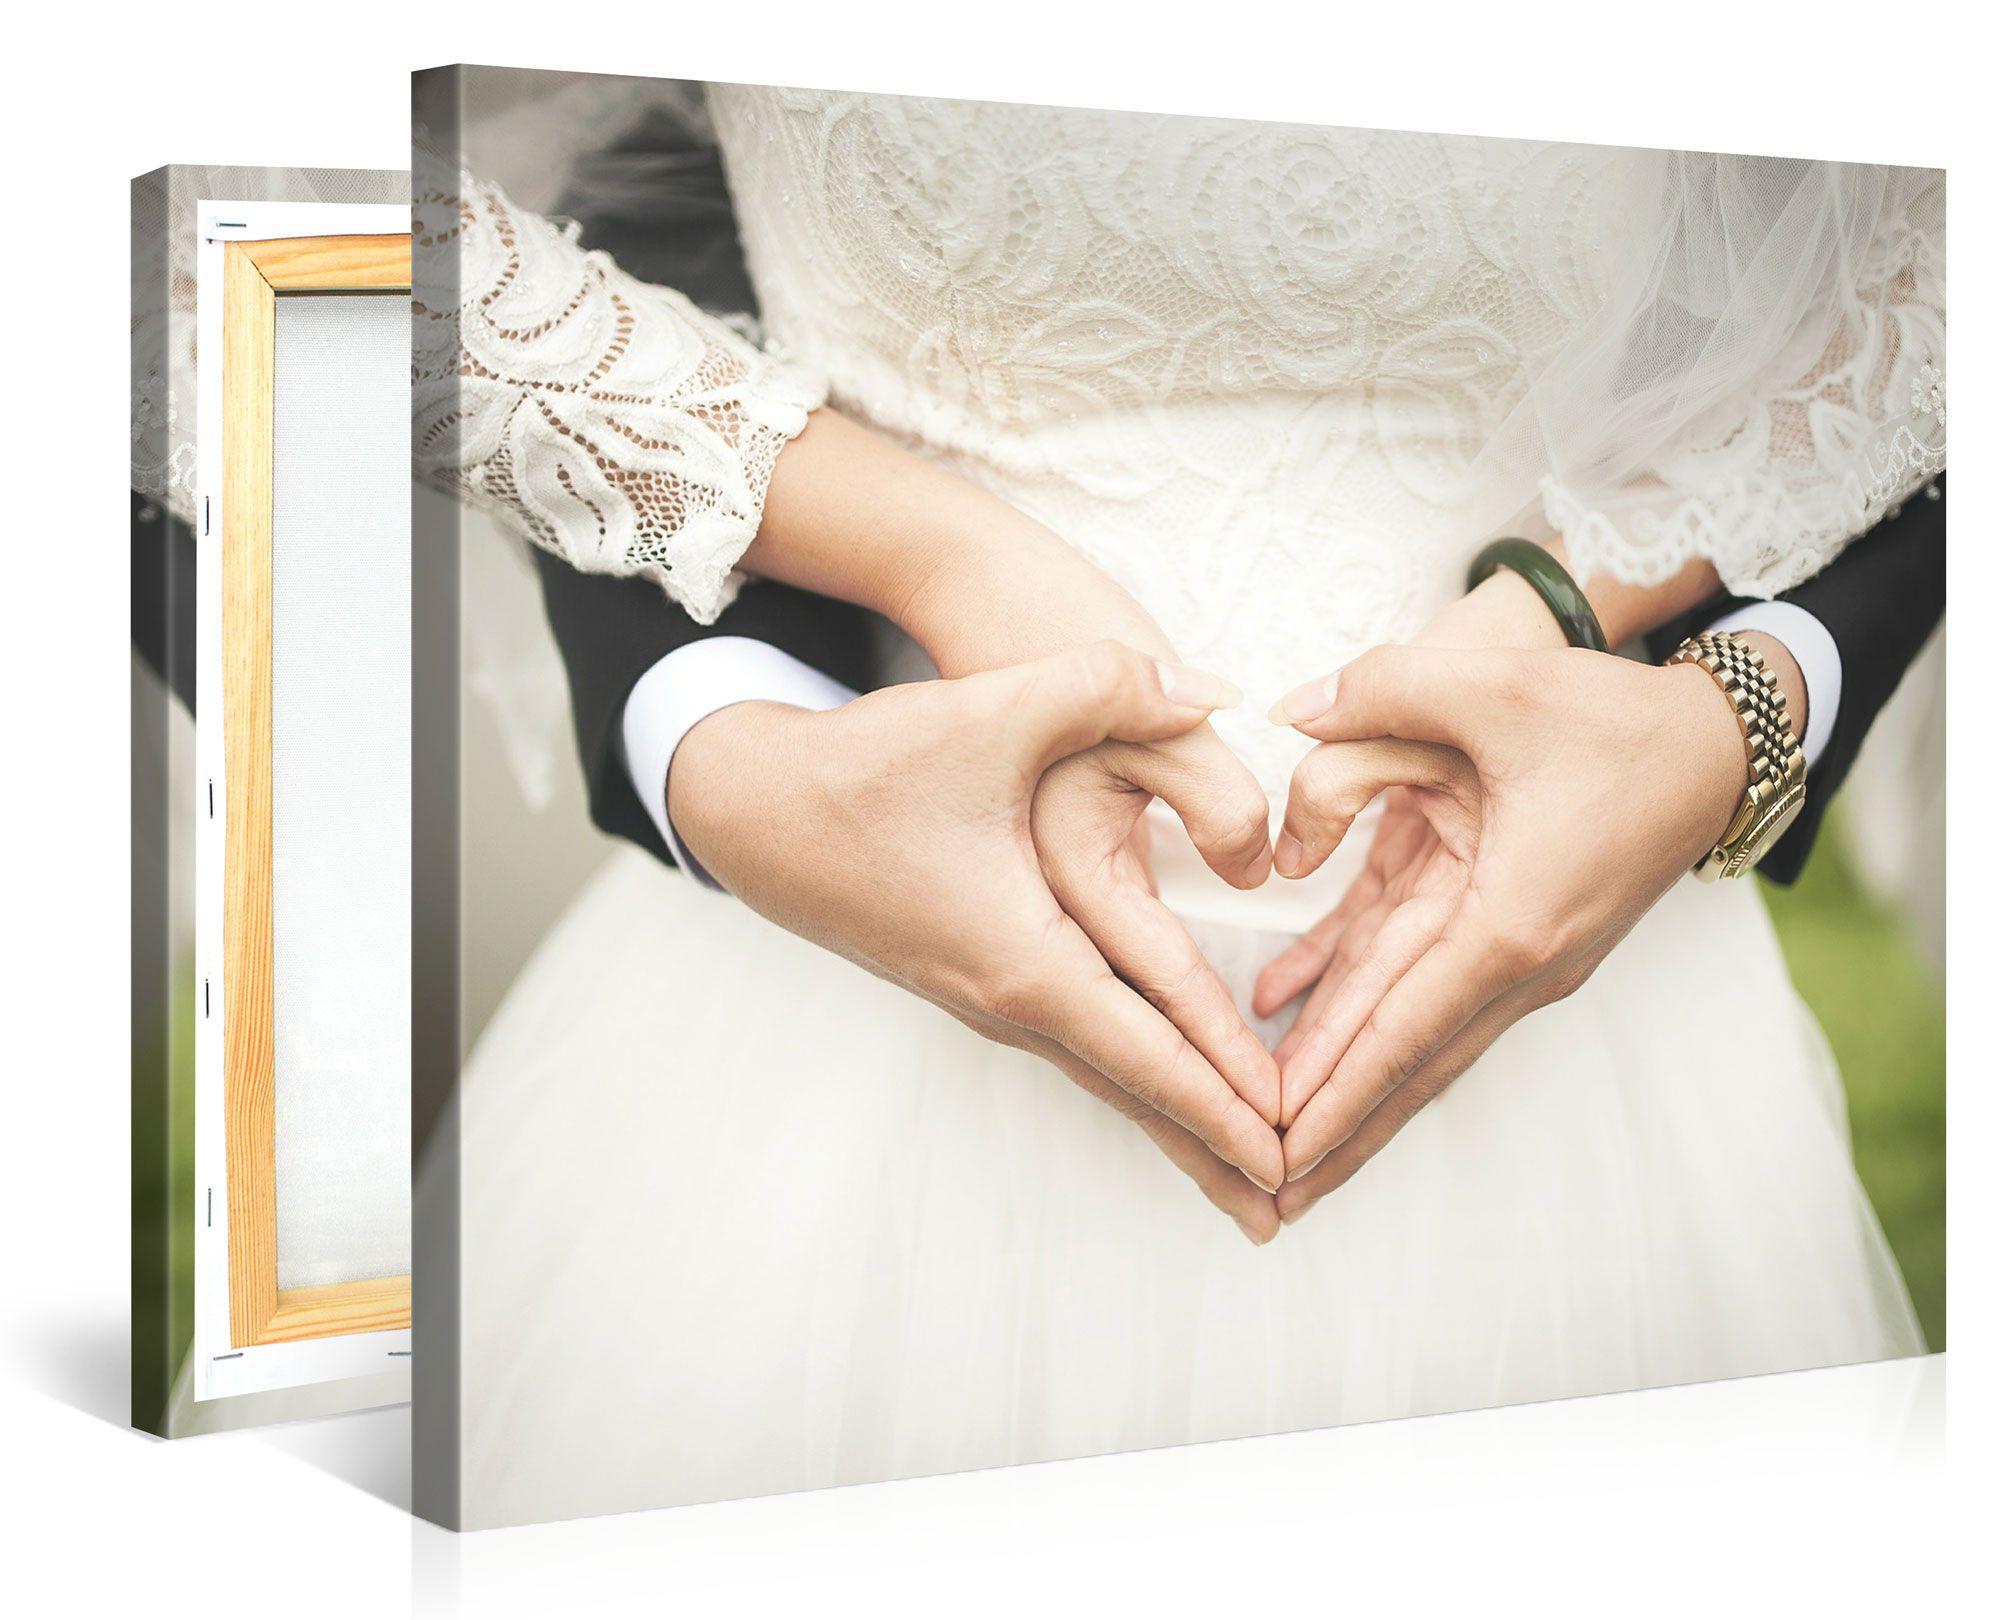 Foto auf leinwand. Jetzt bis zu 83% Rabatt. http://www.meinfoto.de/wand-deko/foto-auf-leinwand.jsf  #meinfoto #fotoaufleinwand #wanddeko #rabatt